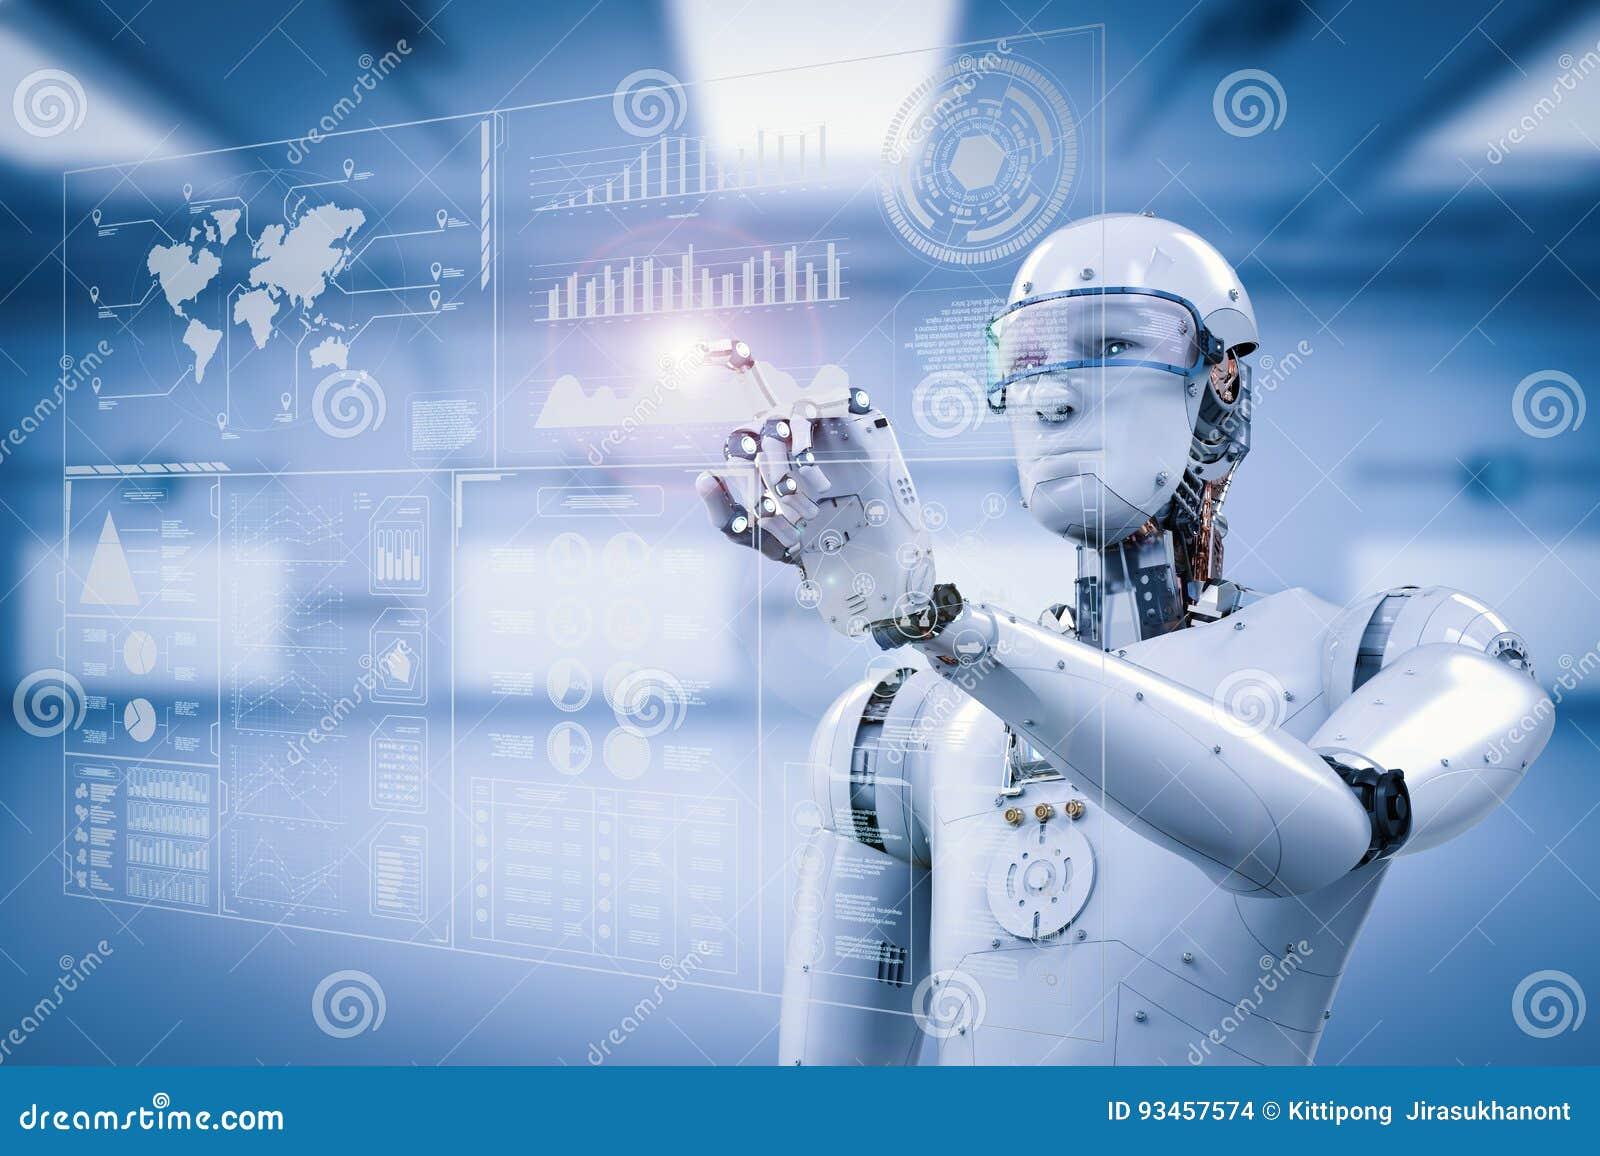 Robot fonctionnant avec l affichage numérique